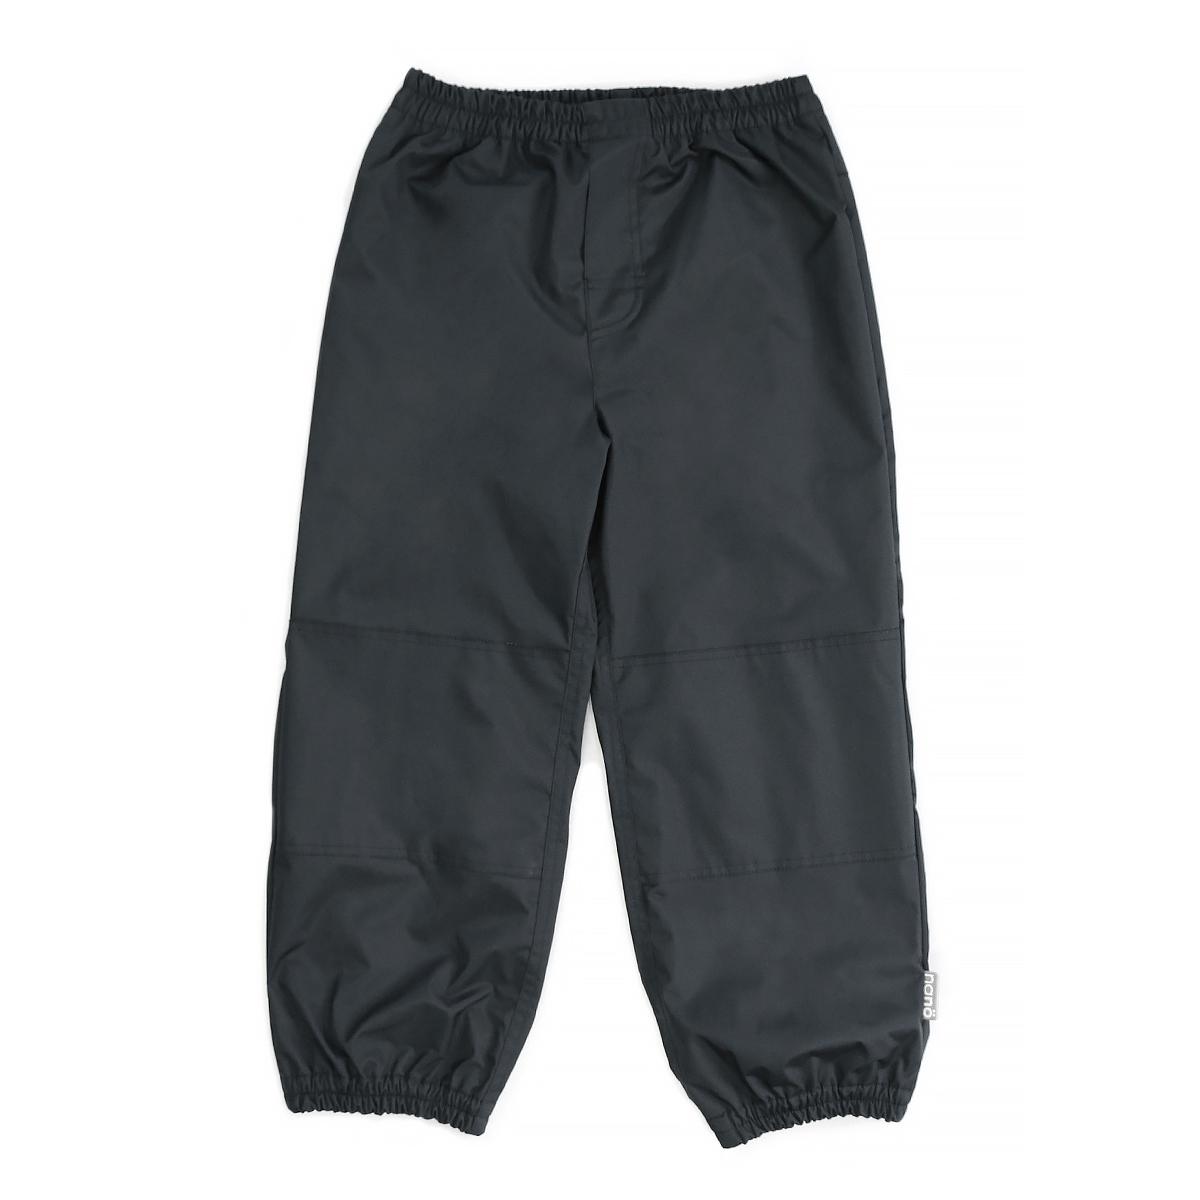 Демисезонные брюки NANO модель BABY темно серые